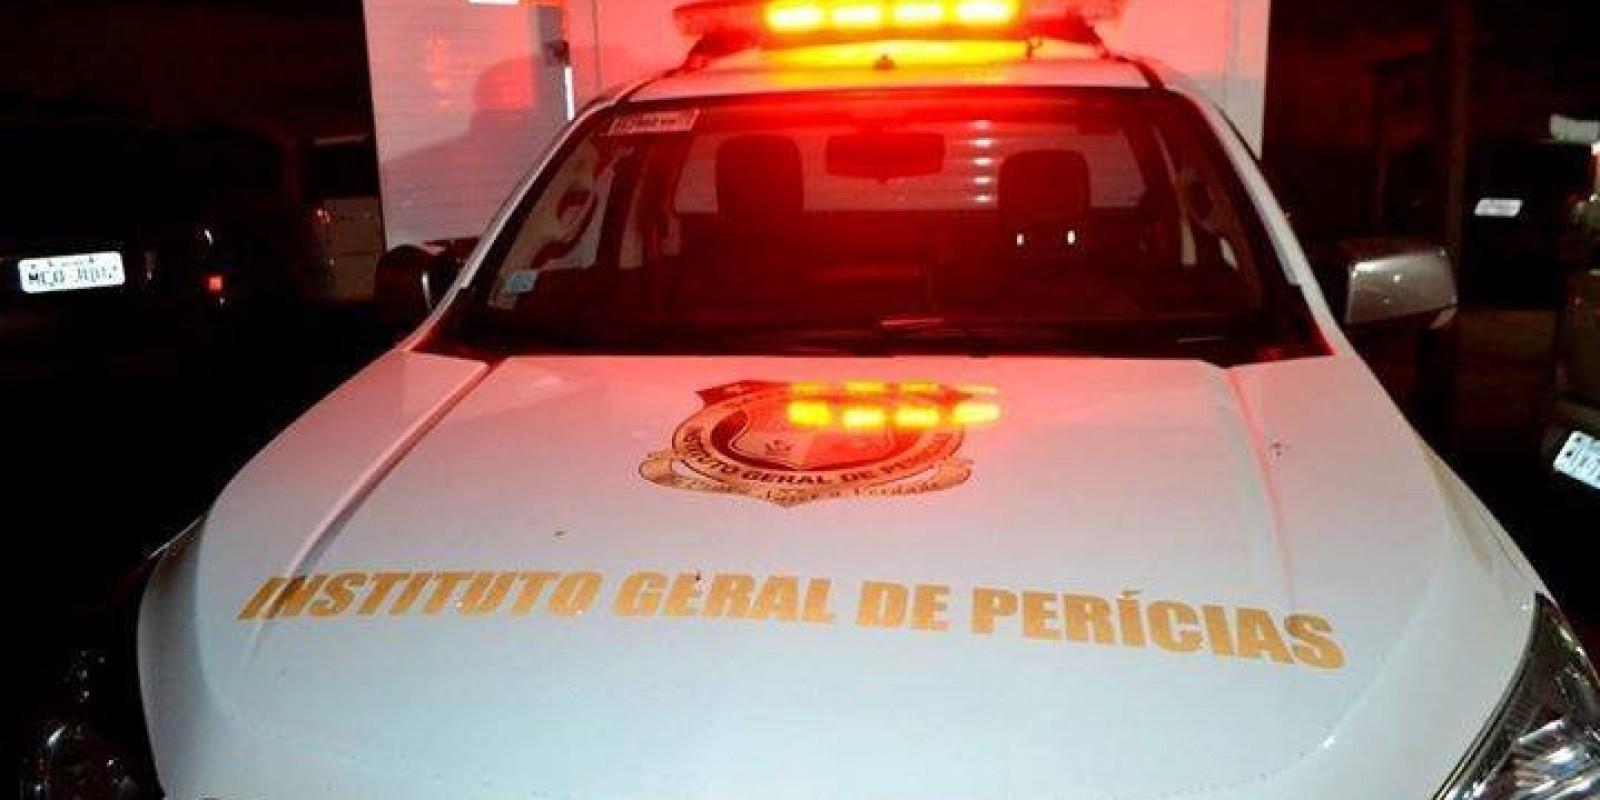 Policiais encontram corpo de mulher dentro de automóvel, em Criciúma